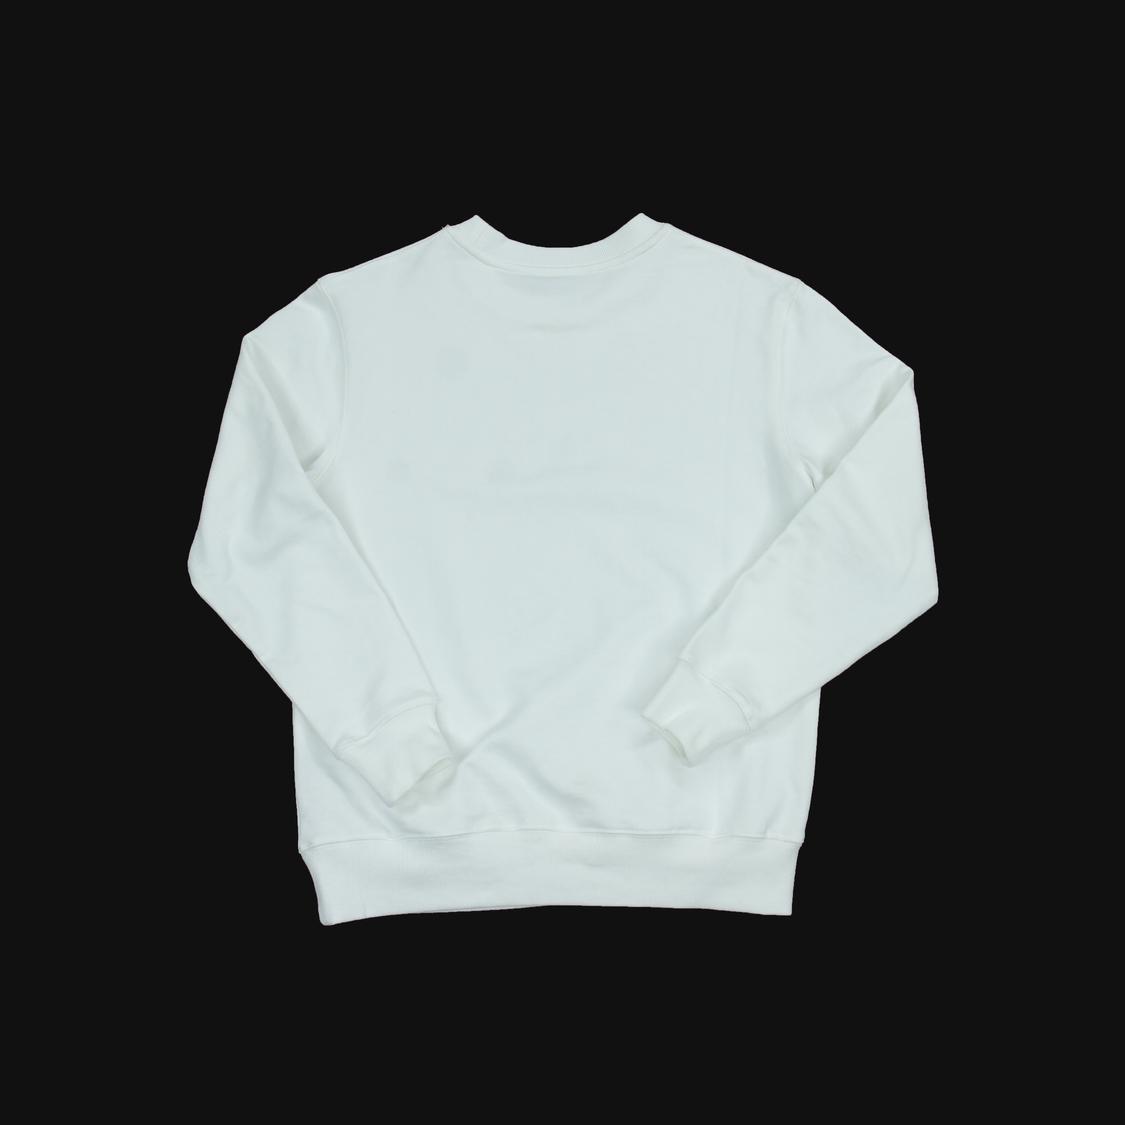 Áo nỉ Louis Vuitton đá khóa - trắng